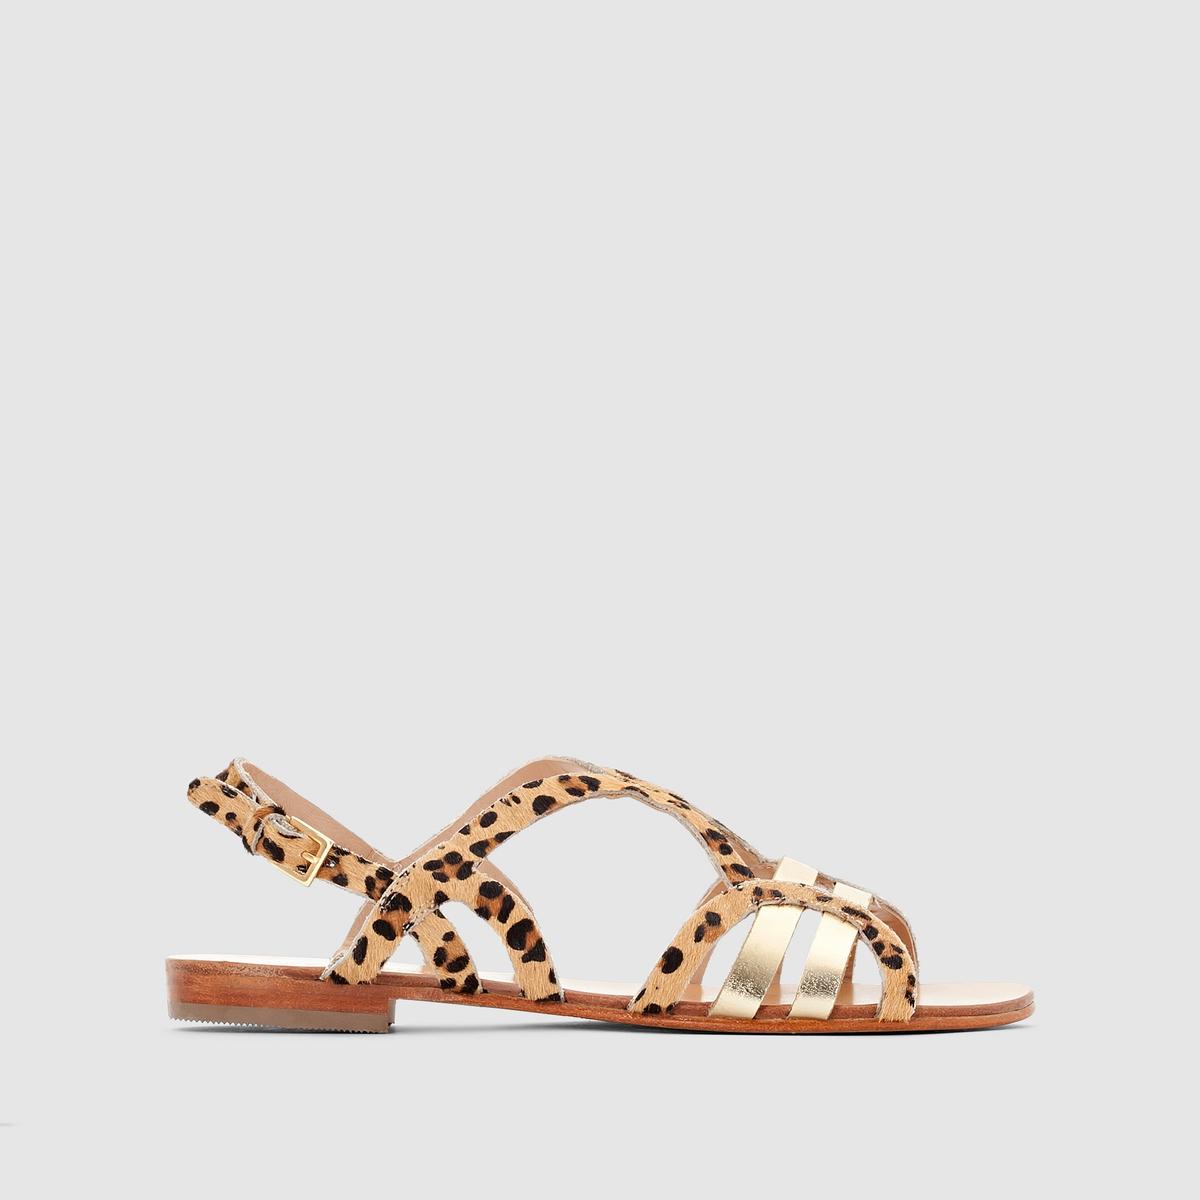 Сандалии COSMOPARIS LOUA/PONYБлагодаря закругленным ремешкам, леопардовому рисунку или коже с металлическим блеском, эти модные сандалии Cosmoparis по-настоящему украсят наши ножки этим летом !<br><br>Цвет: золотистый/леопард<br>Размер: 40